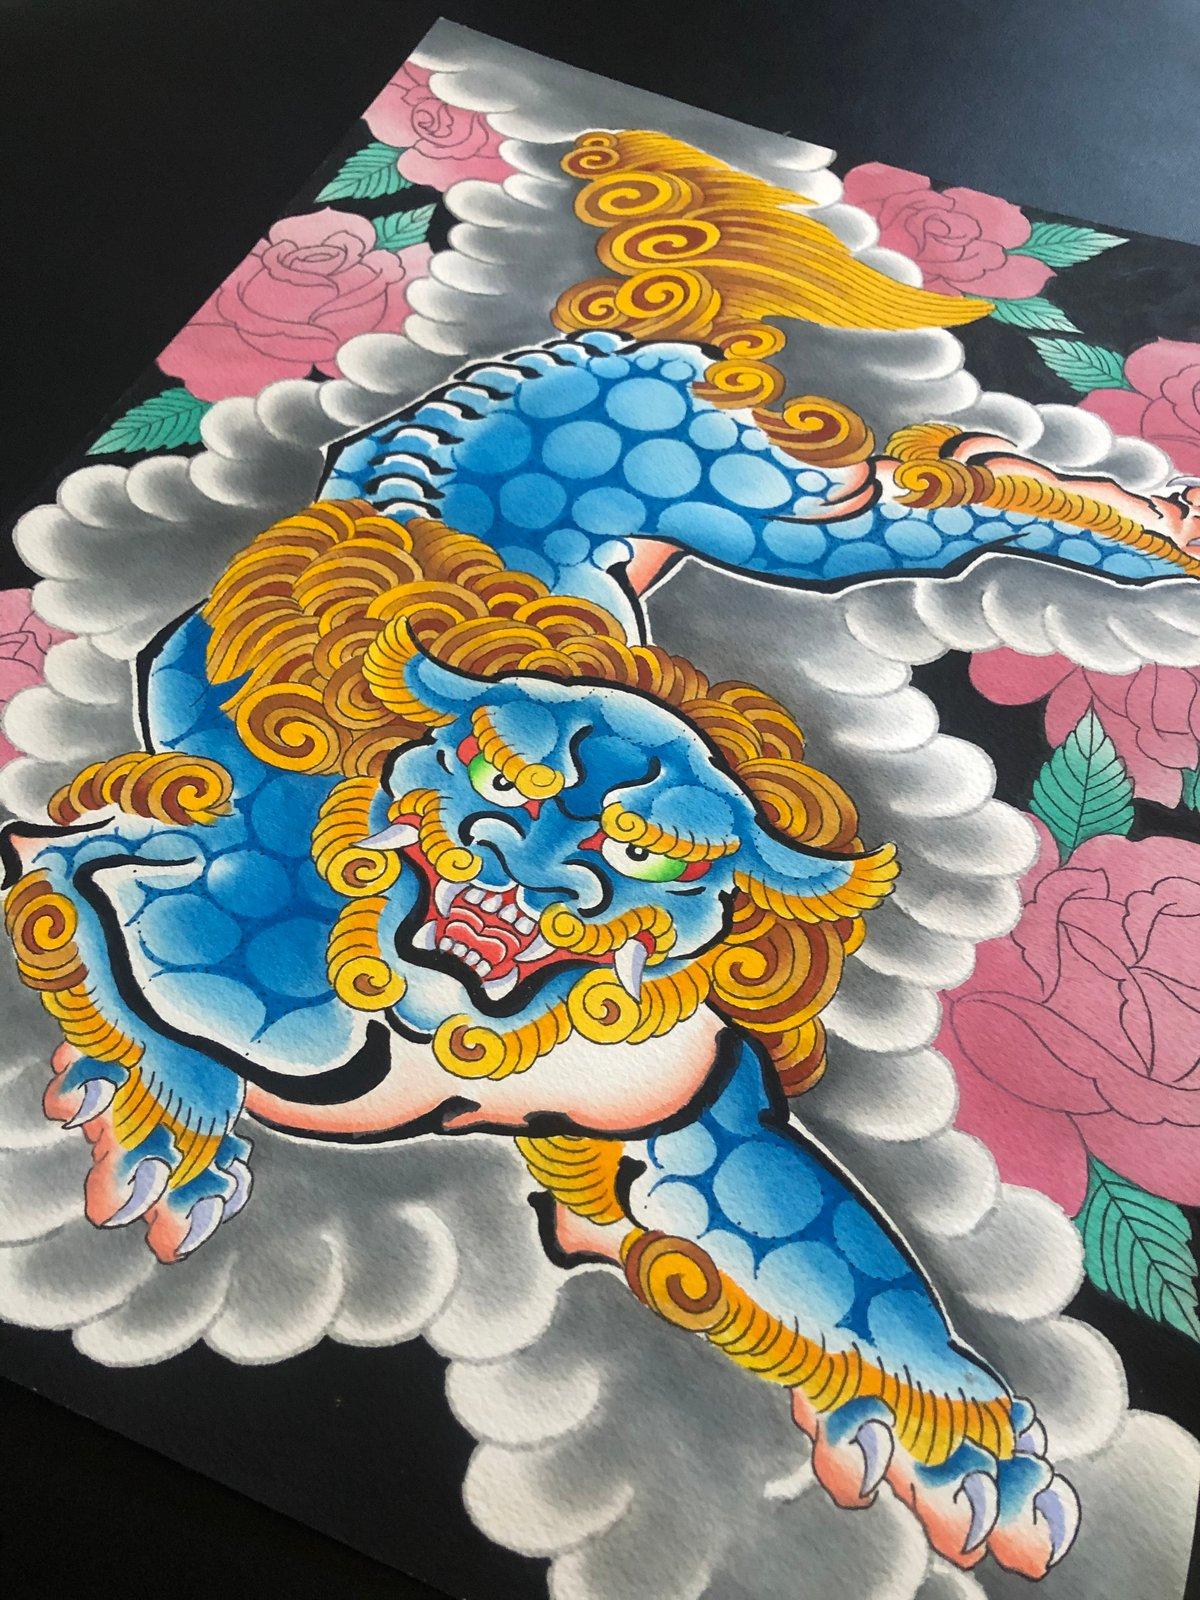 Shi Shi and Roses